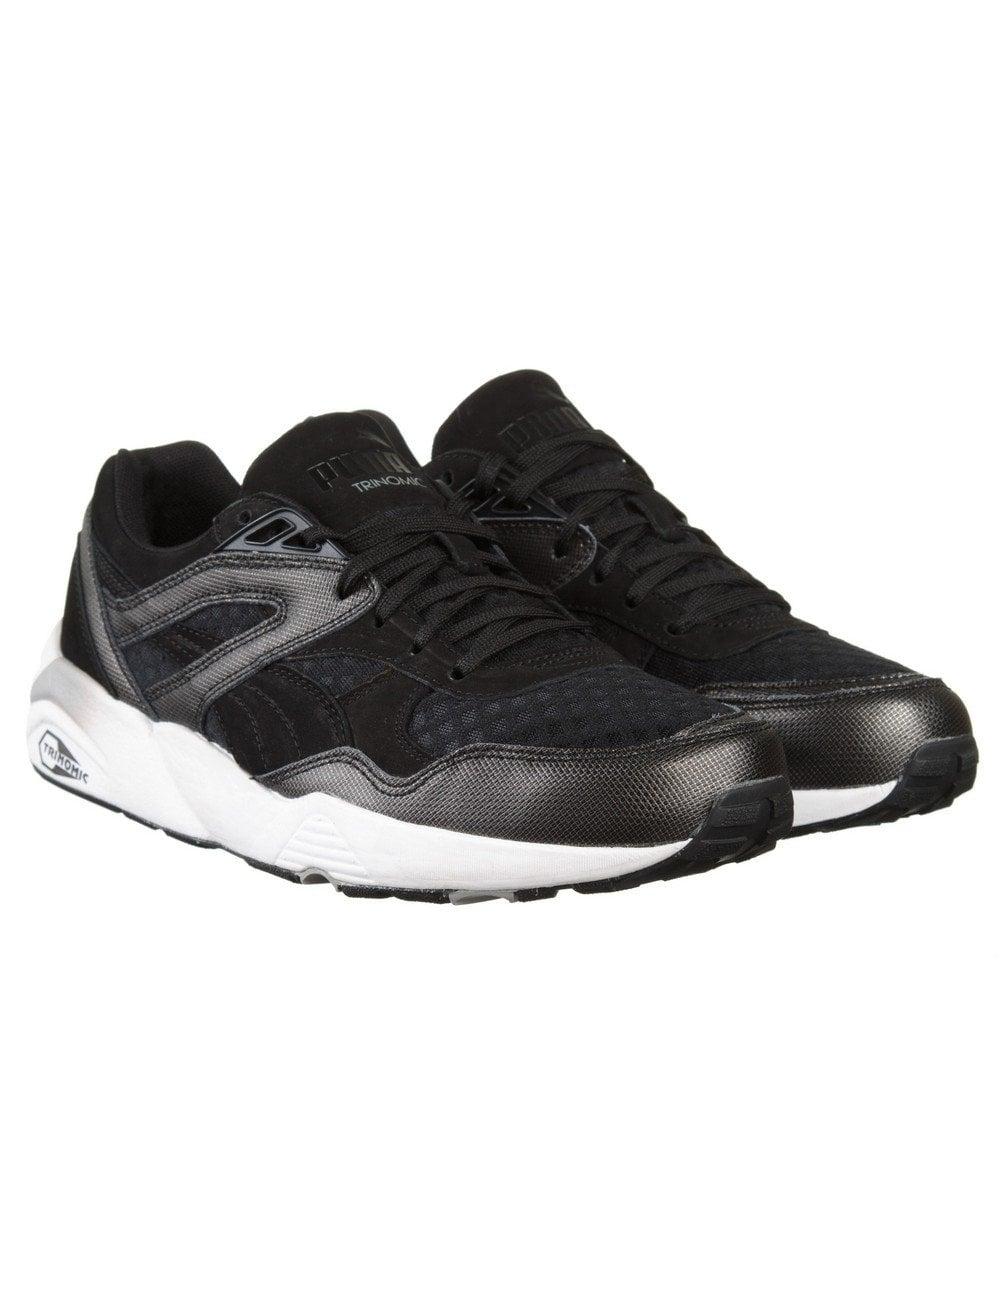 grossiste 67520 3d033 R698 Tech Shoes - Black